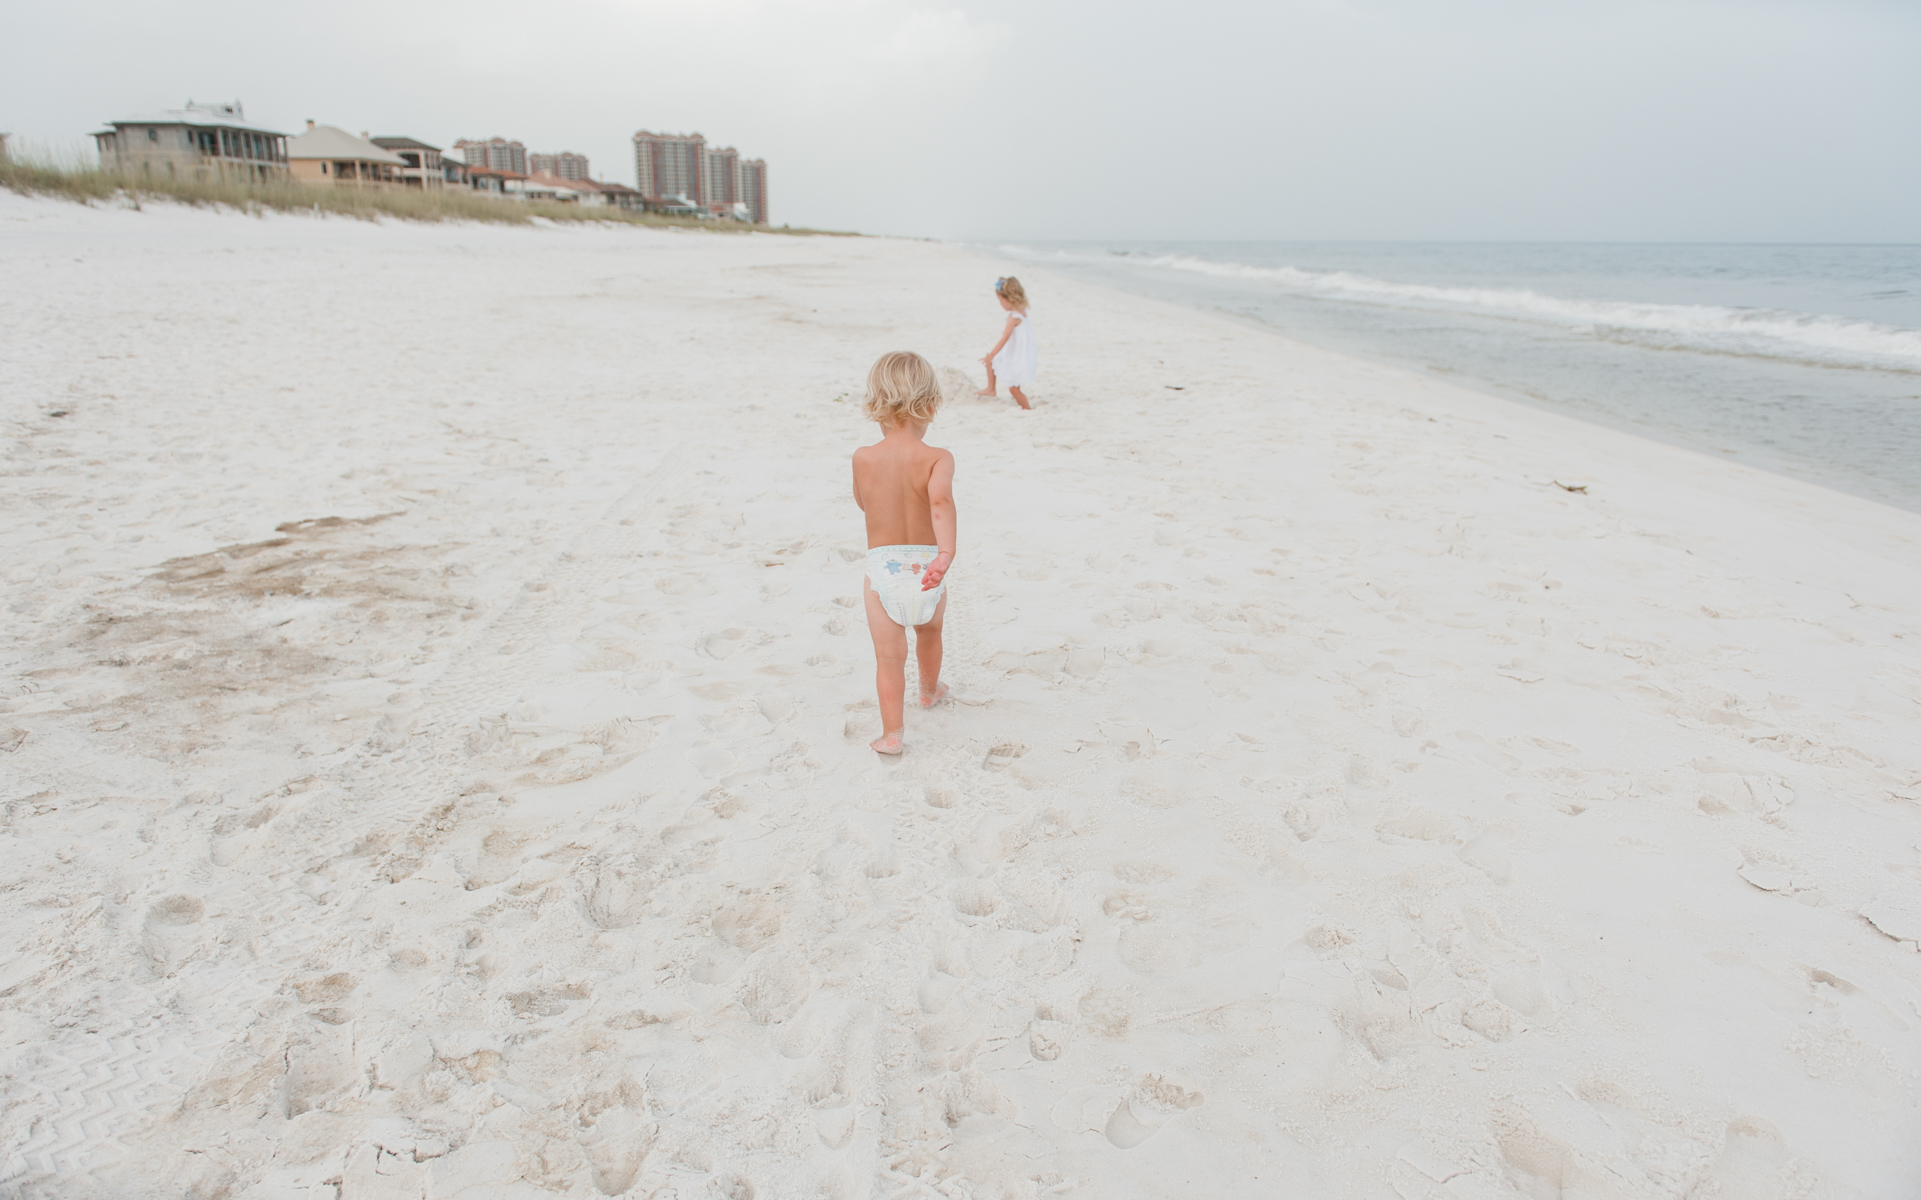 boy in sand-pensacola beach photographer